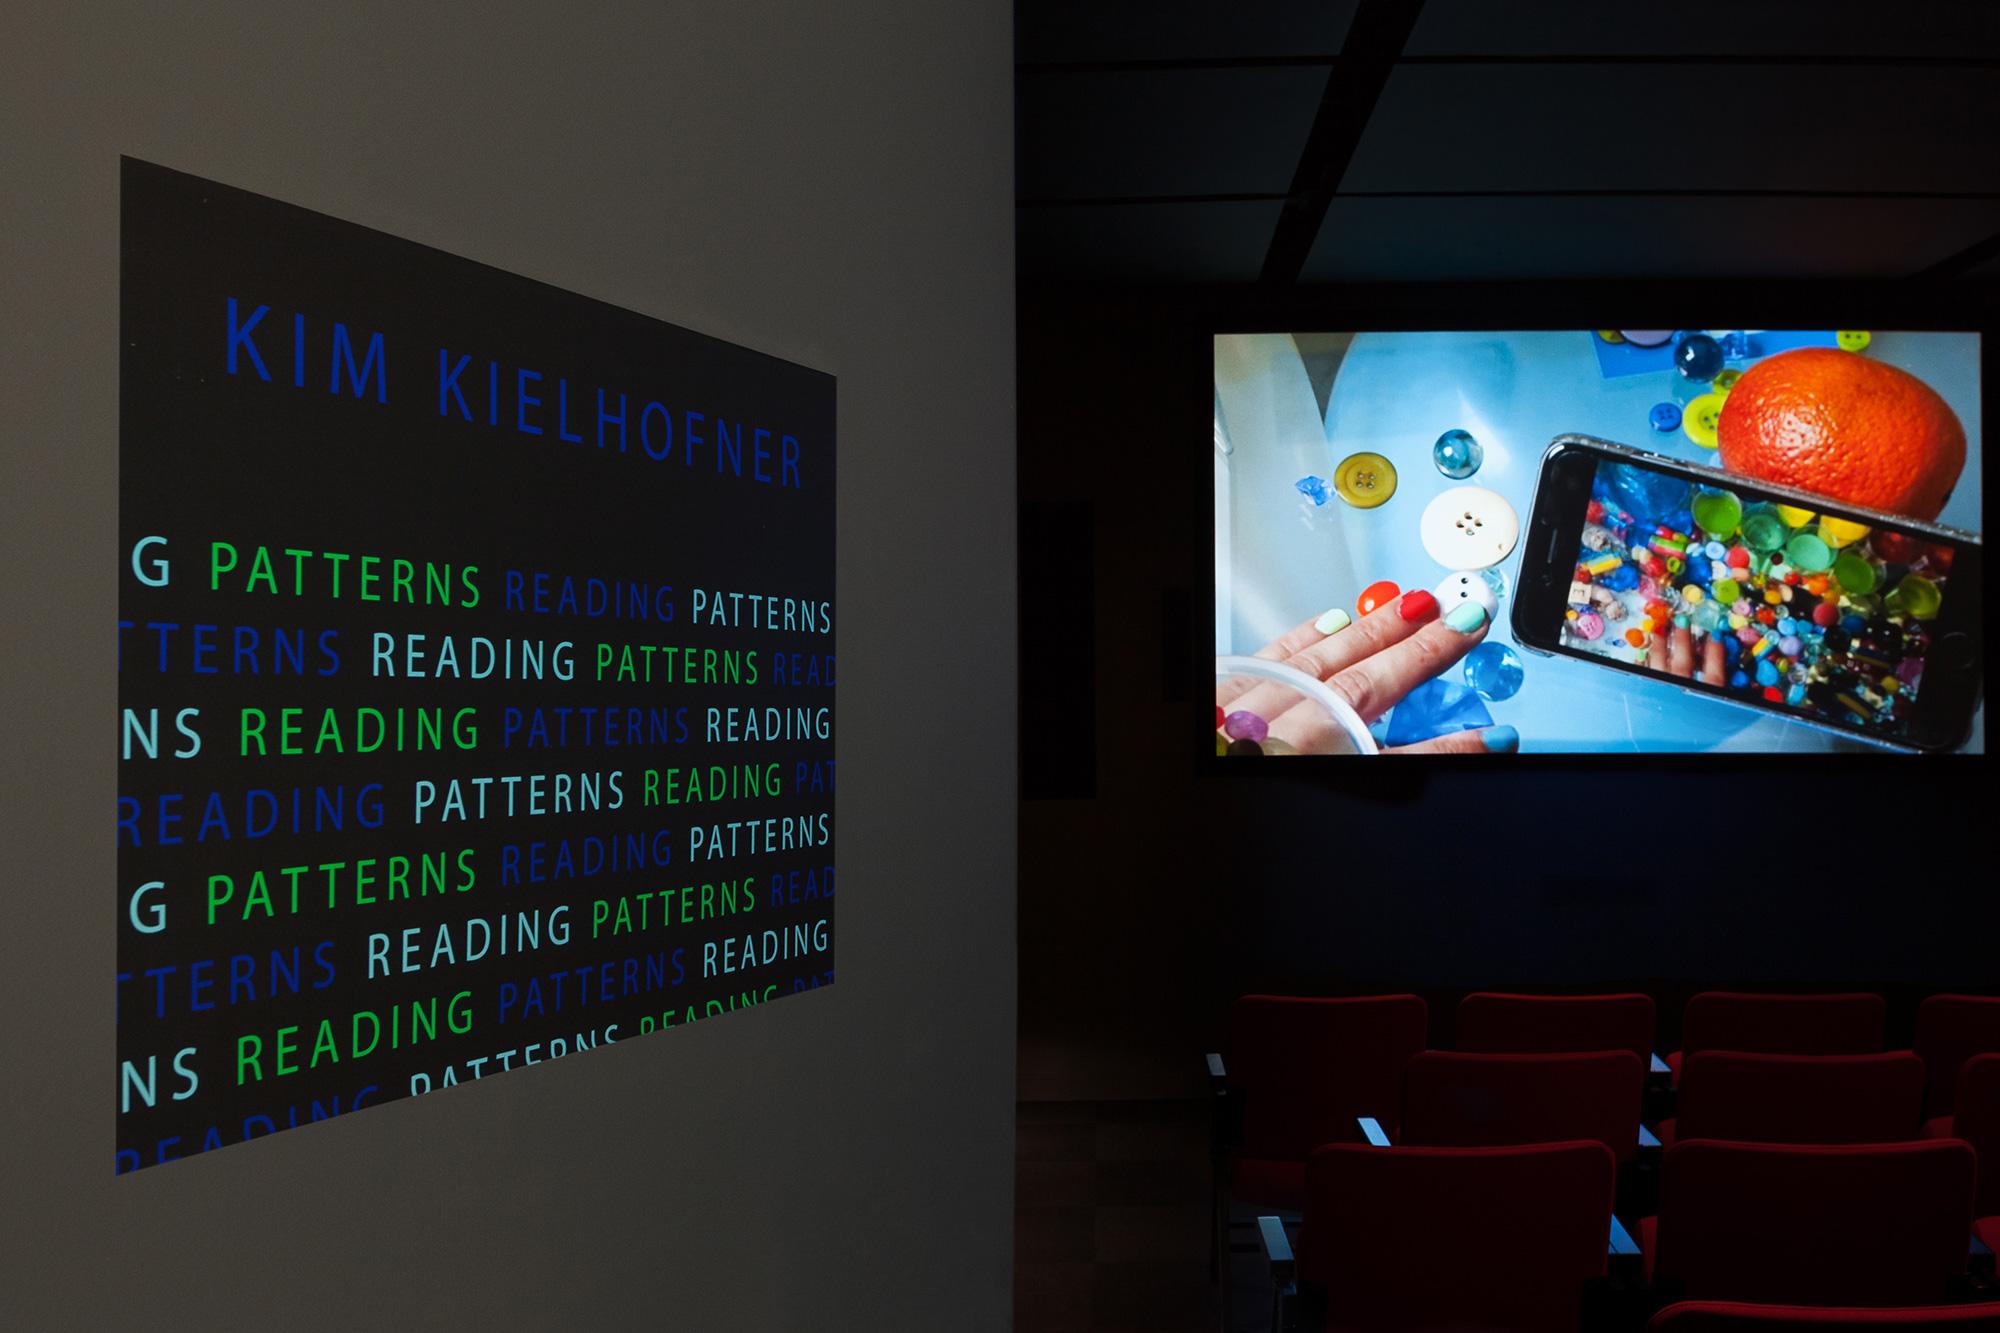 © Kim Kielhofner, vue de l'exposition READING PATTERNS (2017). Photo : Marilou Crispin.